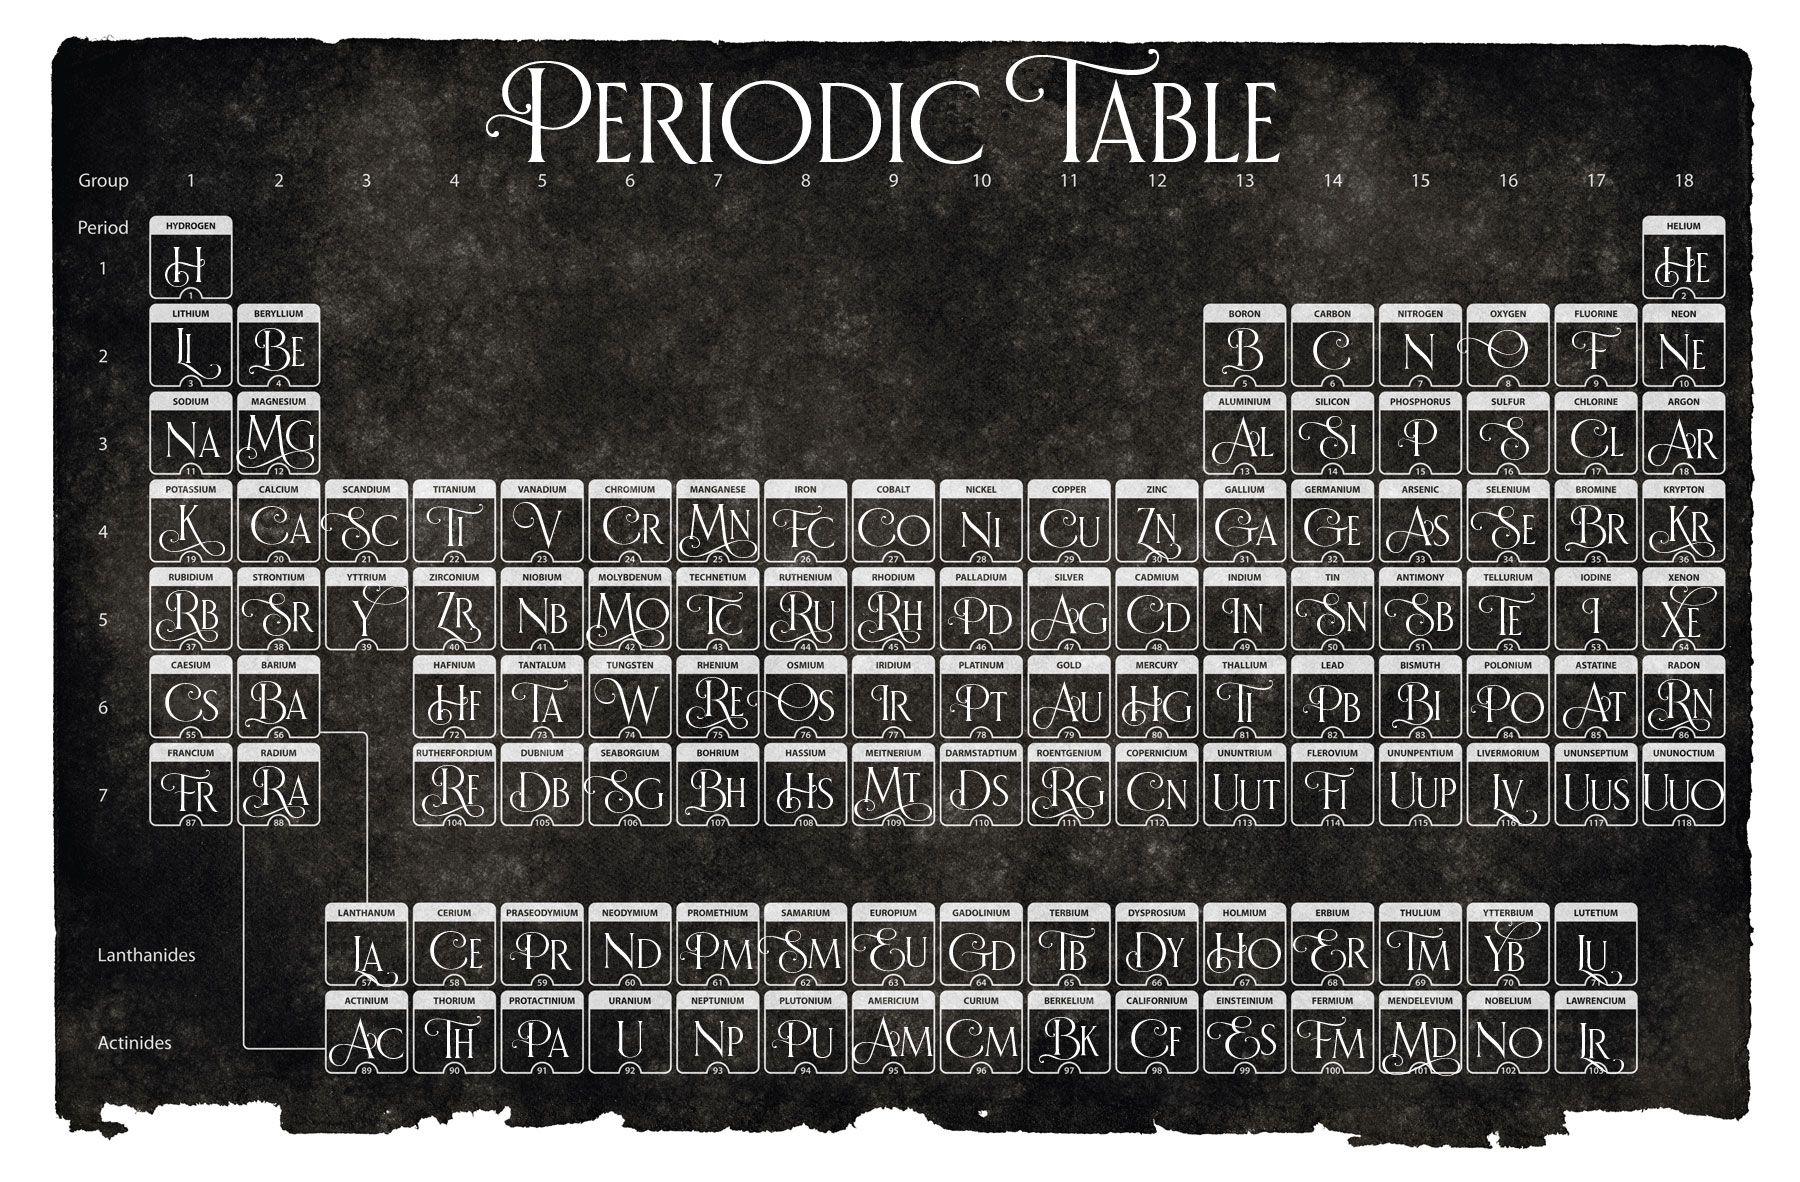 Periodic table of elements using lhf bella vista lhf bella vista 2d529c8fa92230b67aba5aba5211afcag urtaz Images